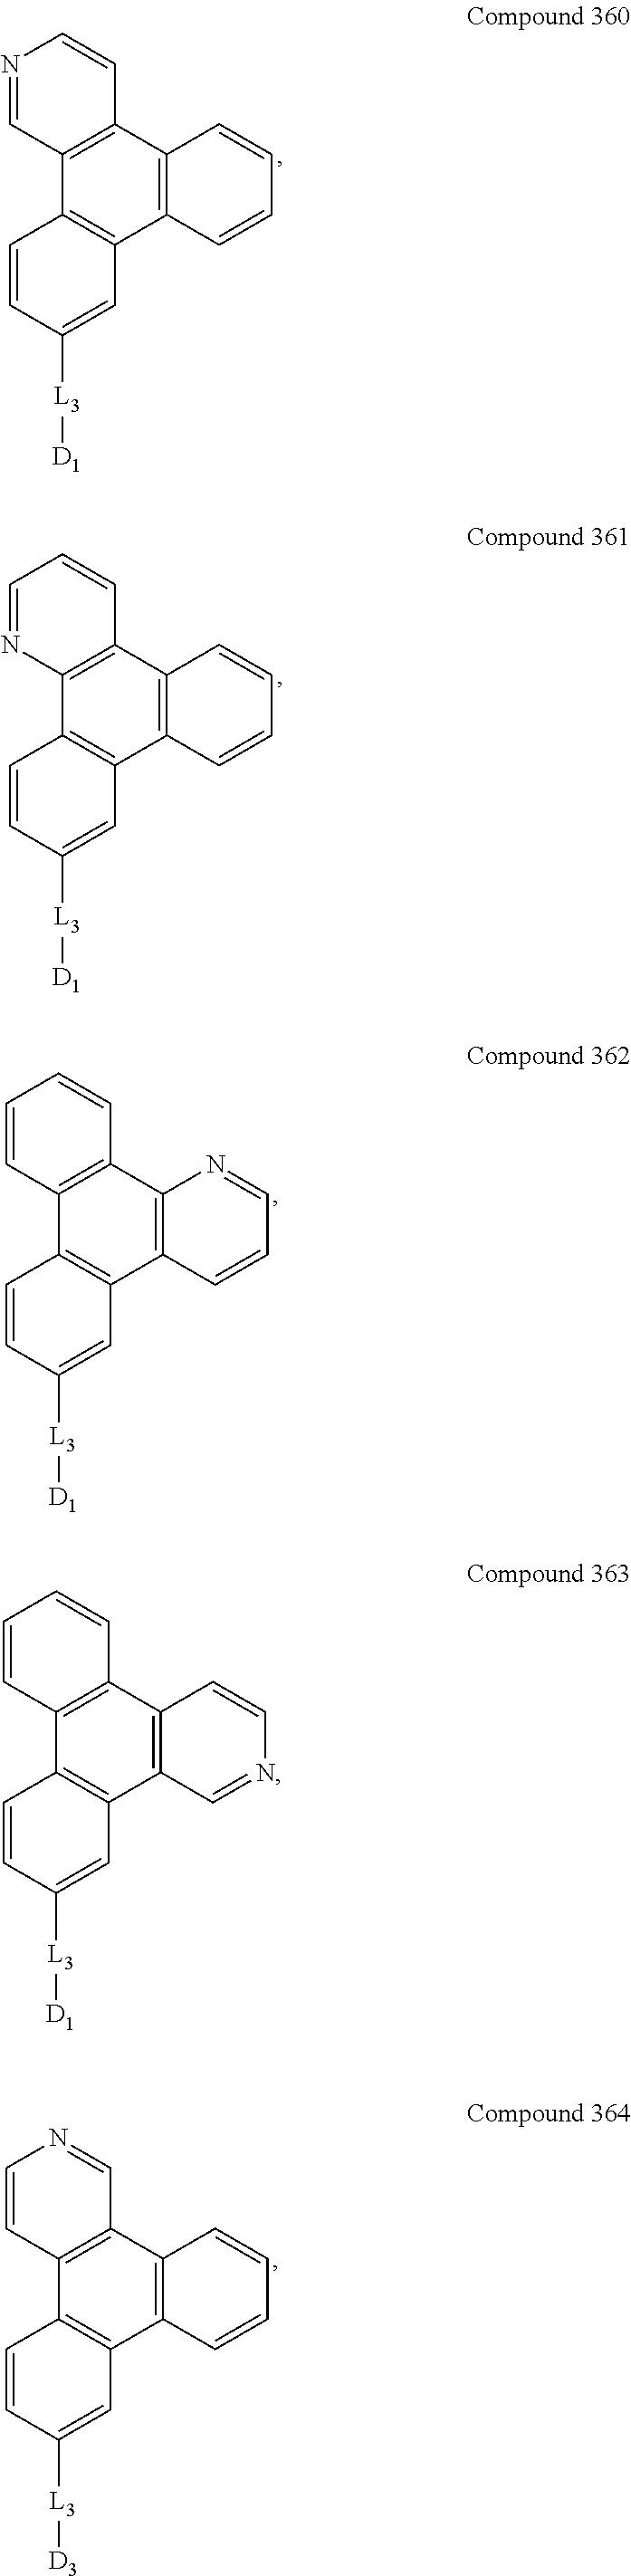 Figure US09537106-20170103-C00546